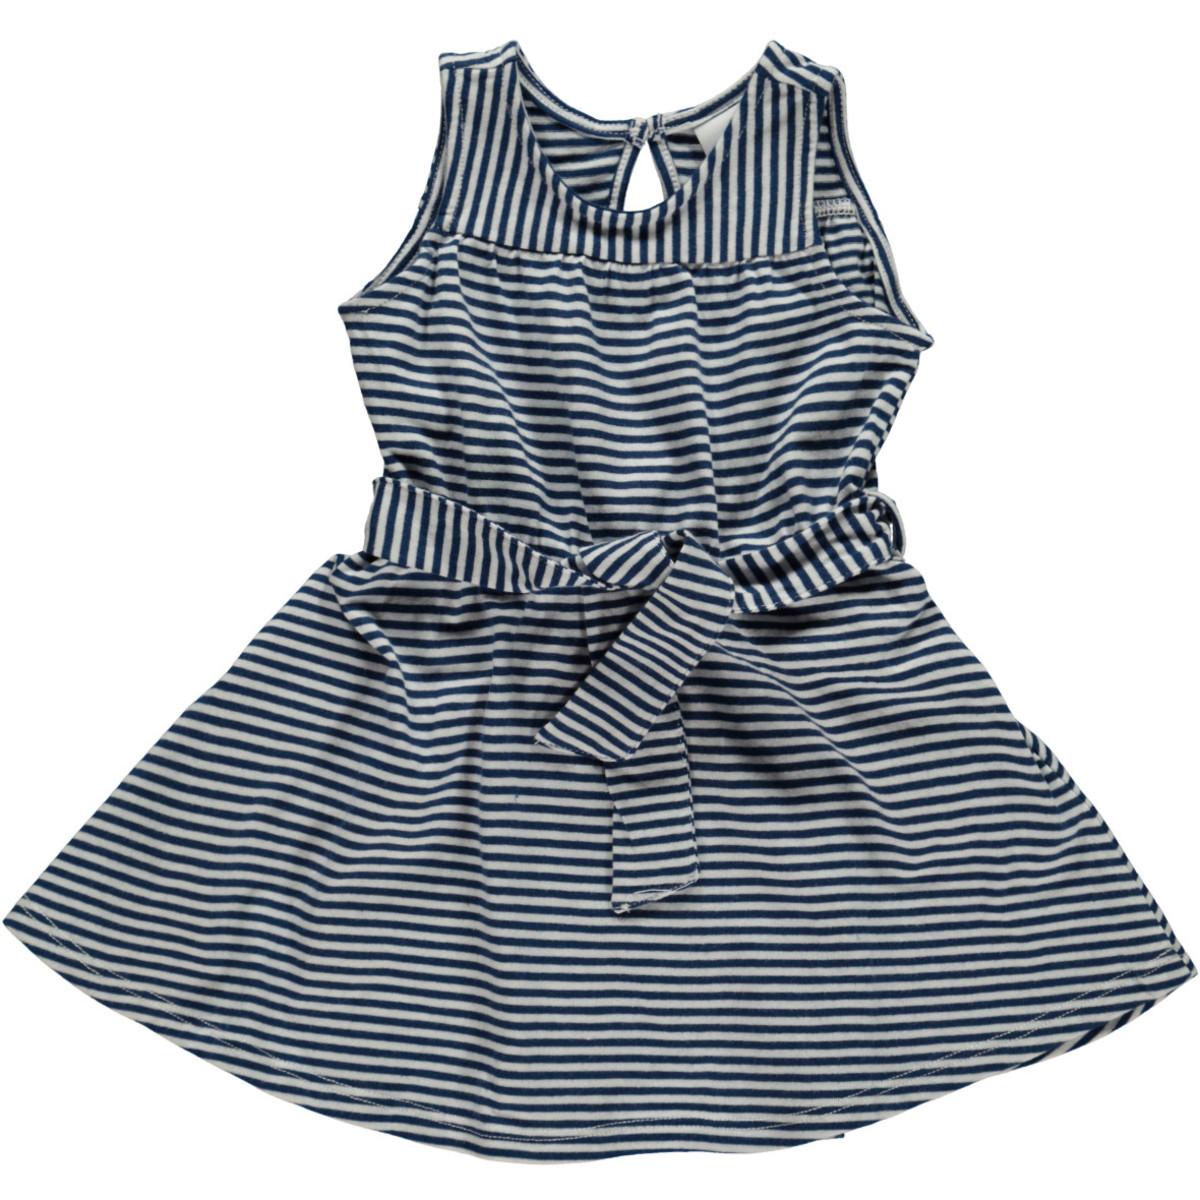 Bild 1 von Baby Kleid im maritimem Look